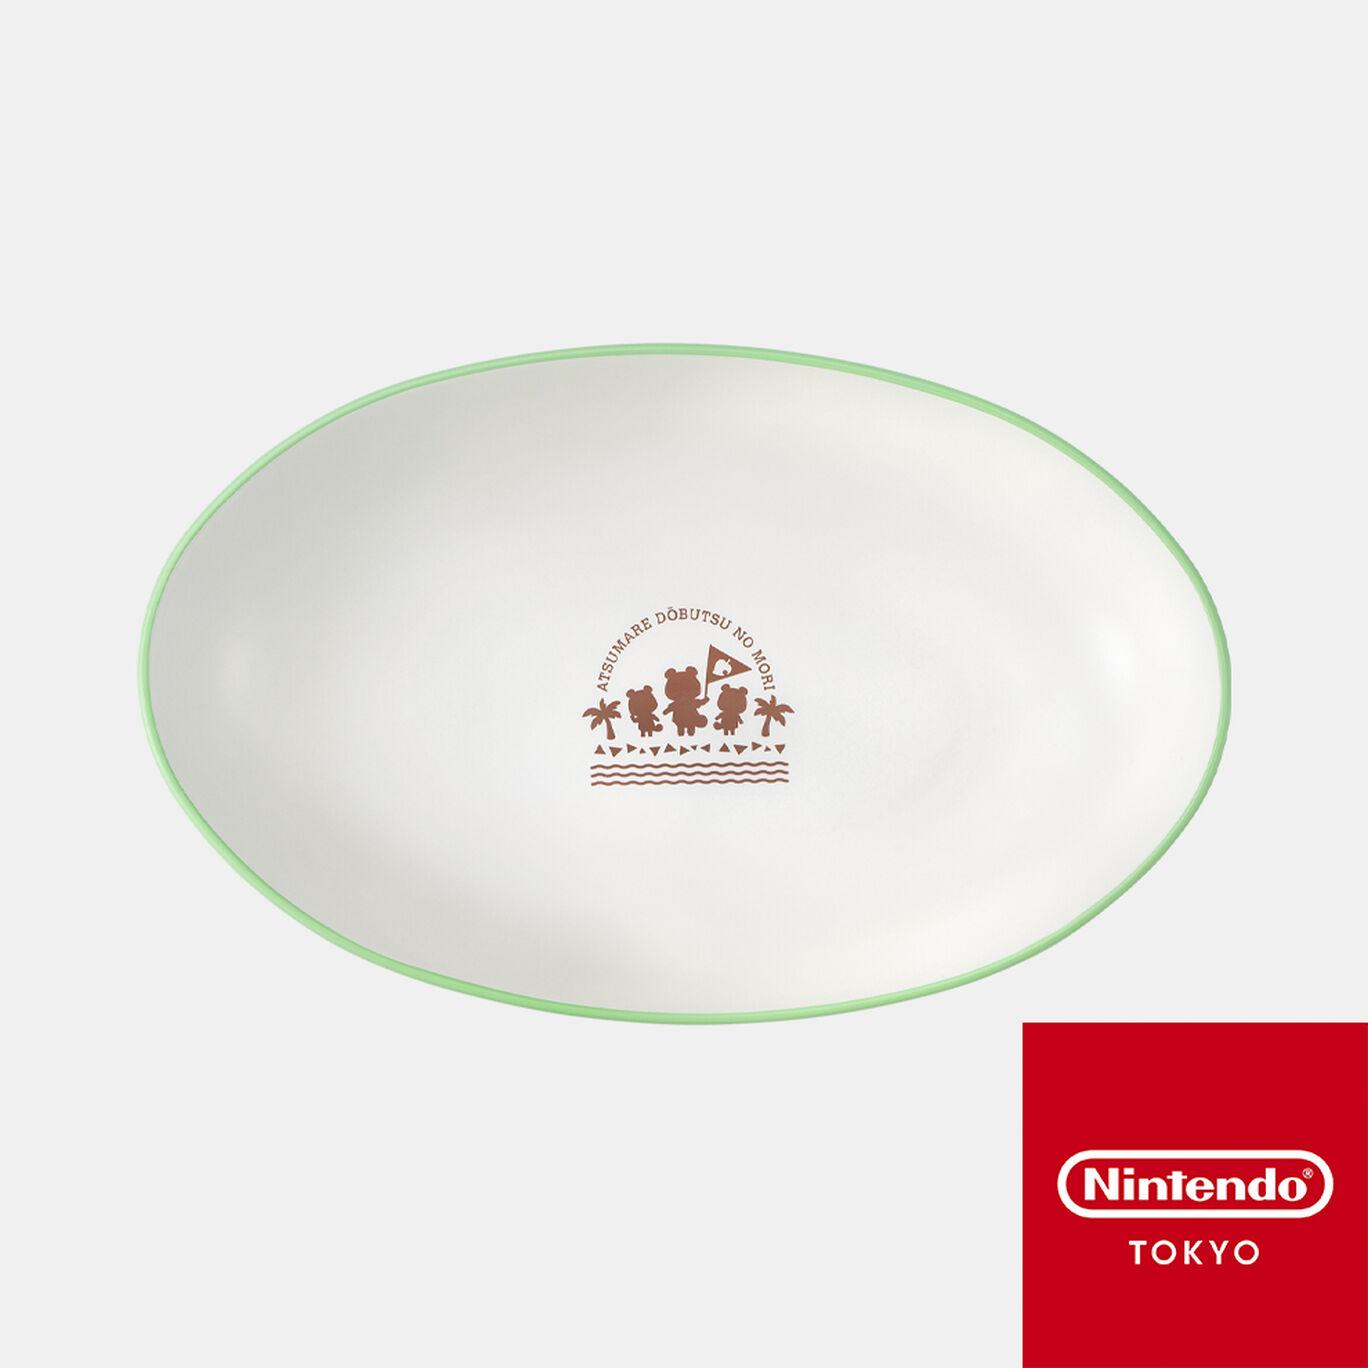 カリー&パスタプレート あつまれ どうぶつの森【Nintendo TOKYO取り扱い商品】